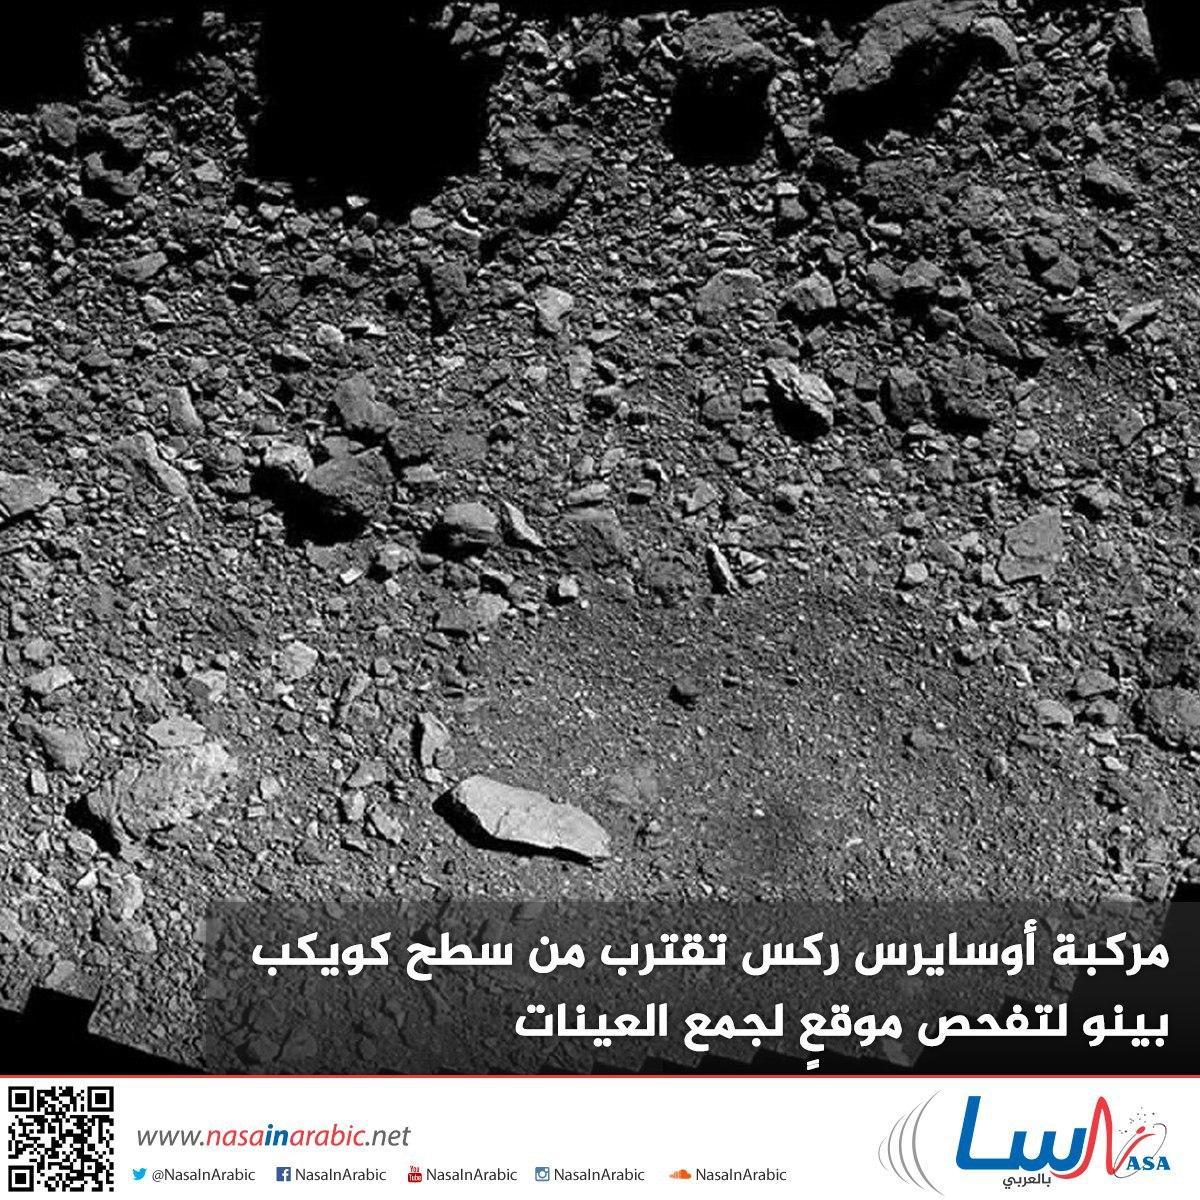 مركبة أوسايرس ركس تقترب من سطح كويكب بينو لتفحص موقعٍ لجمع العينات